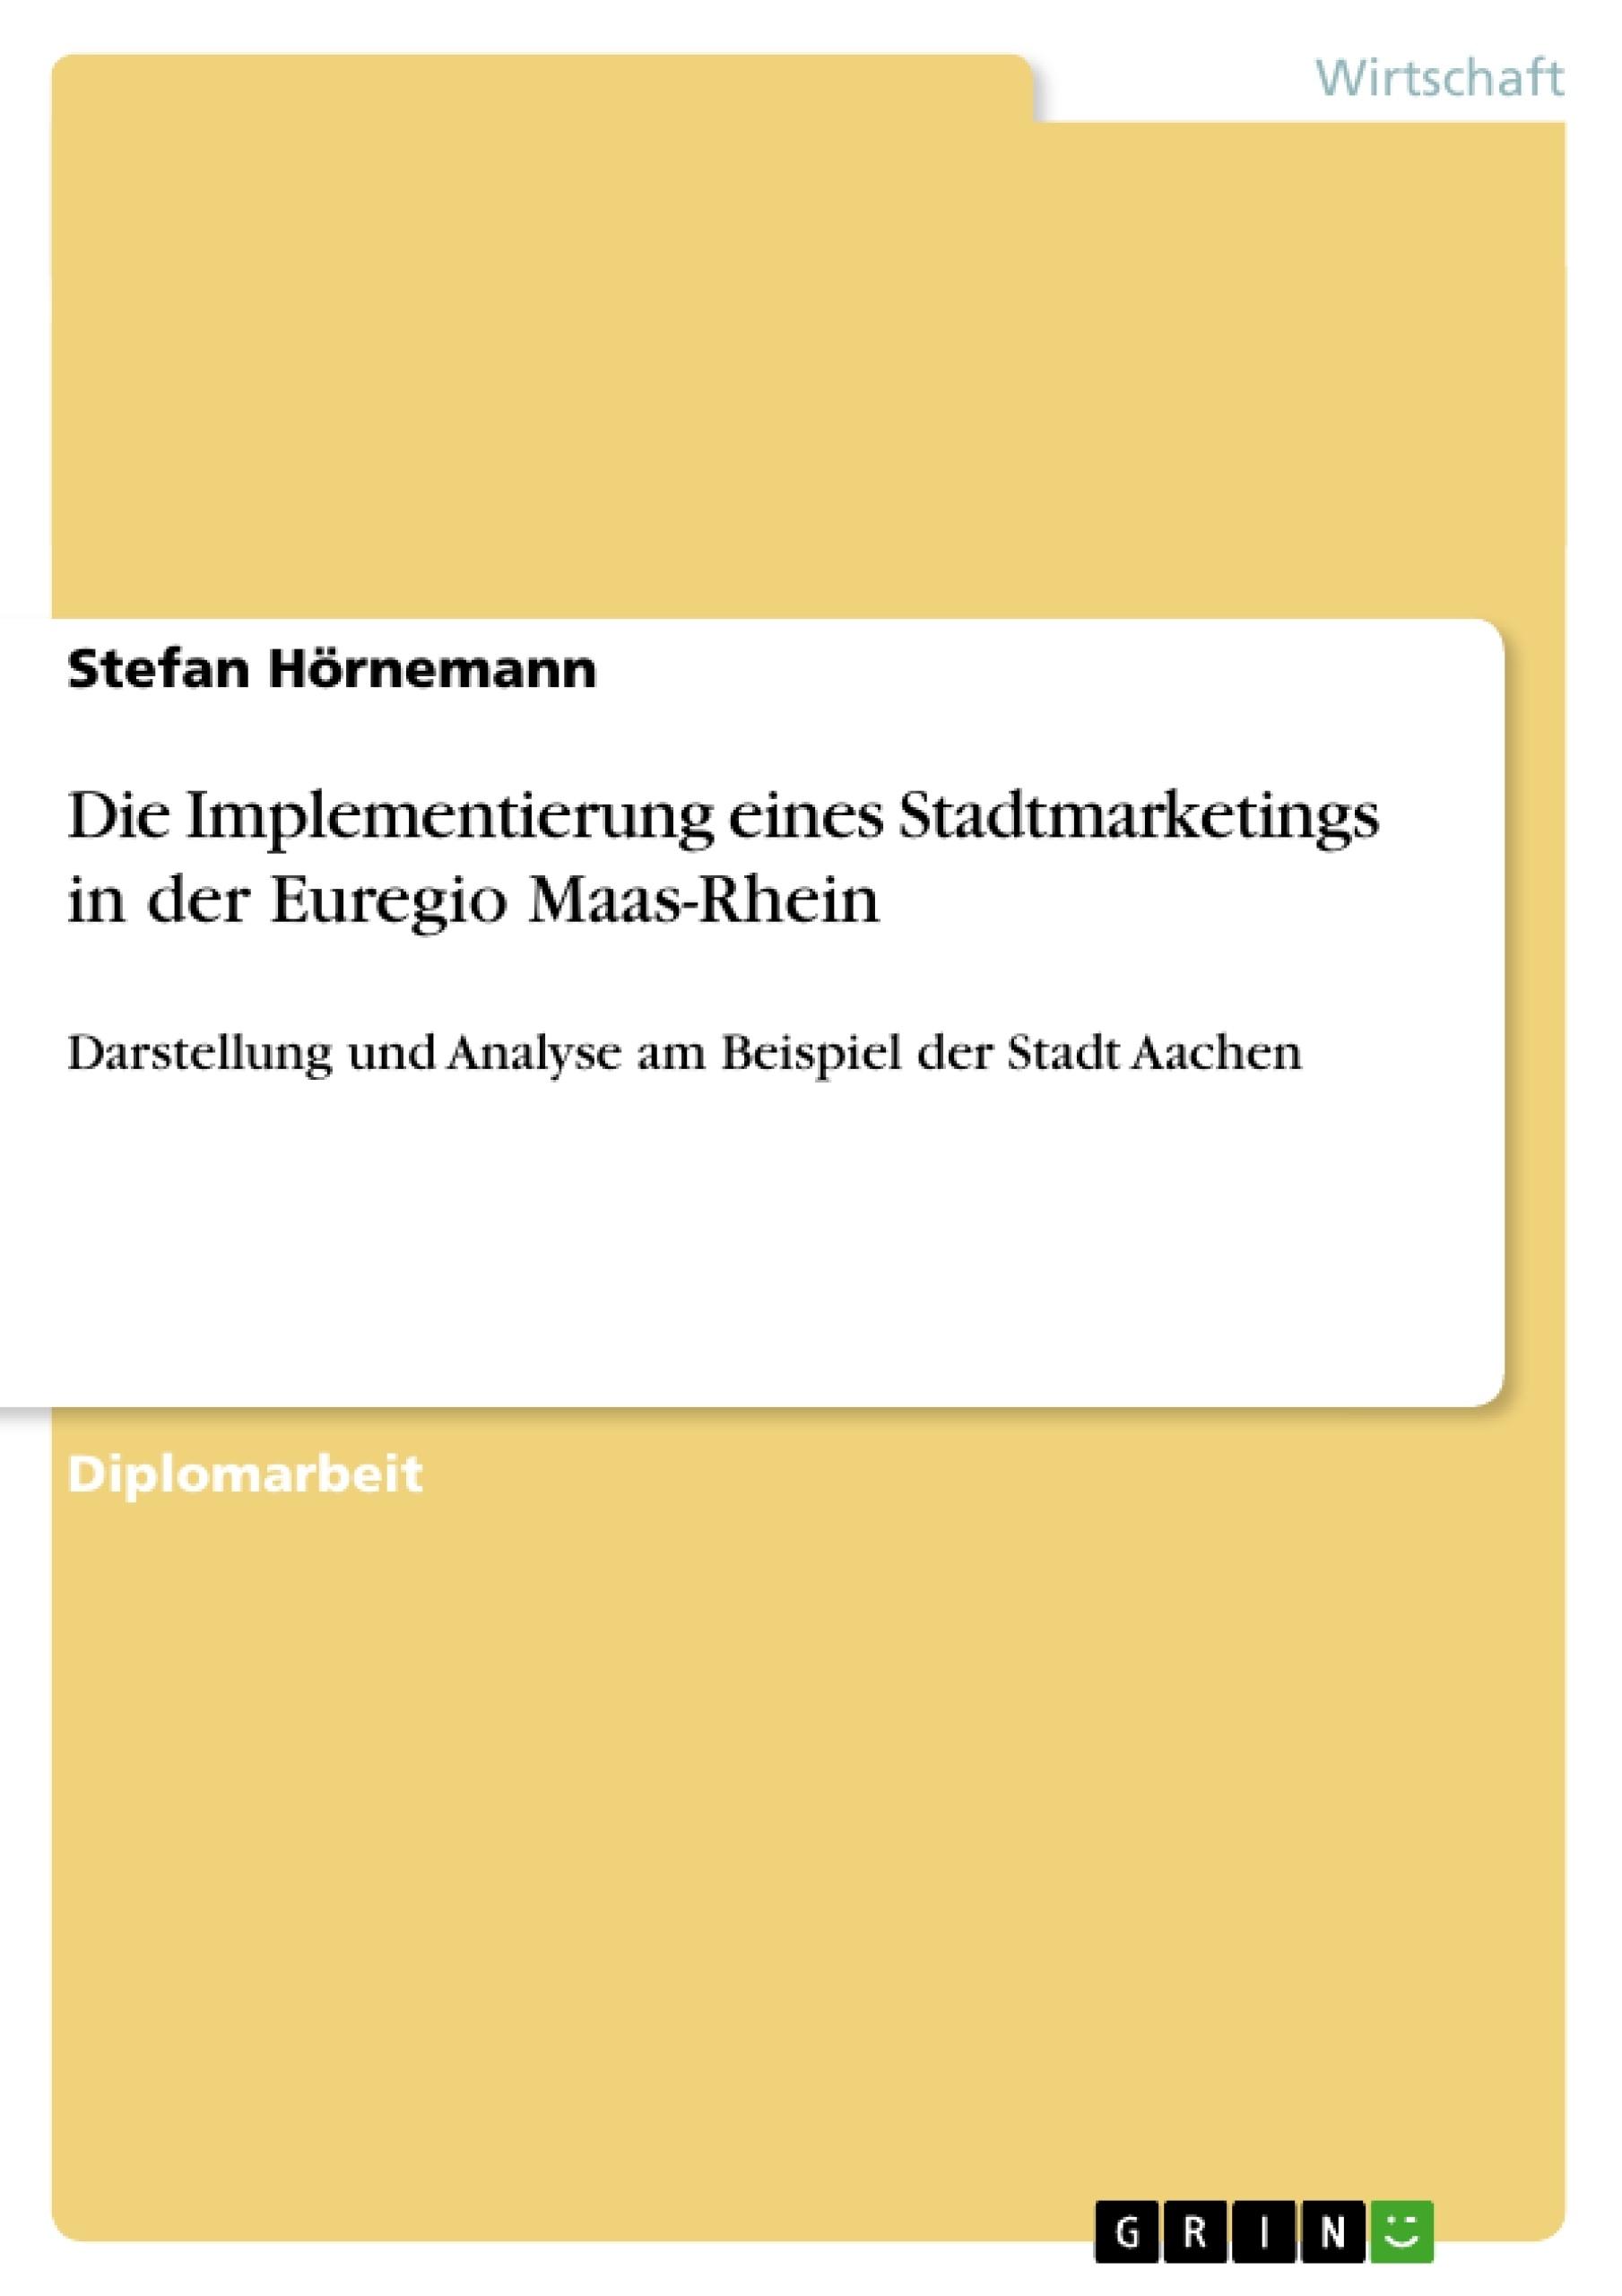 Titel: Die Implementierung eines Stadtmarketings in der Euregio Maas-Rhein